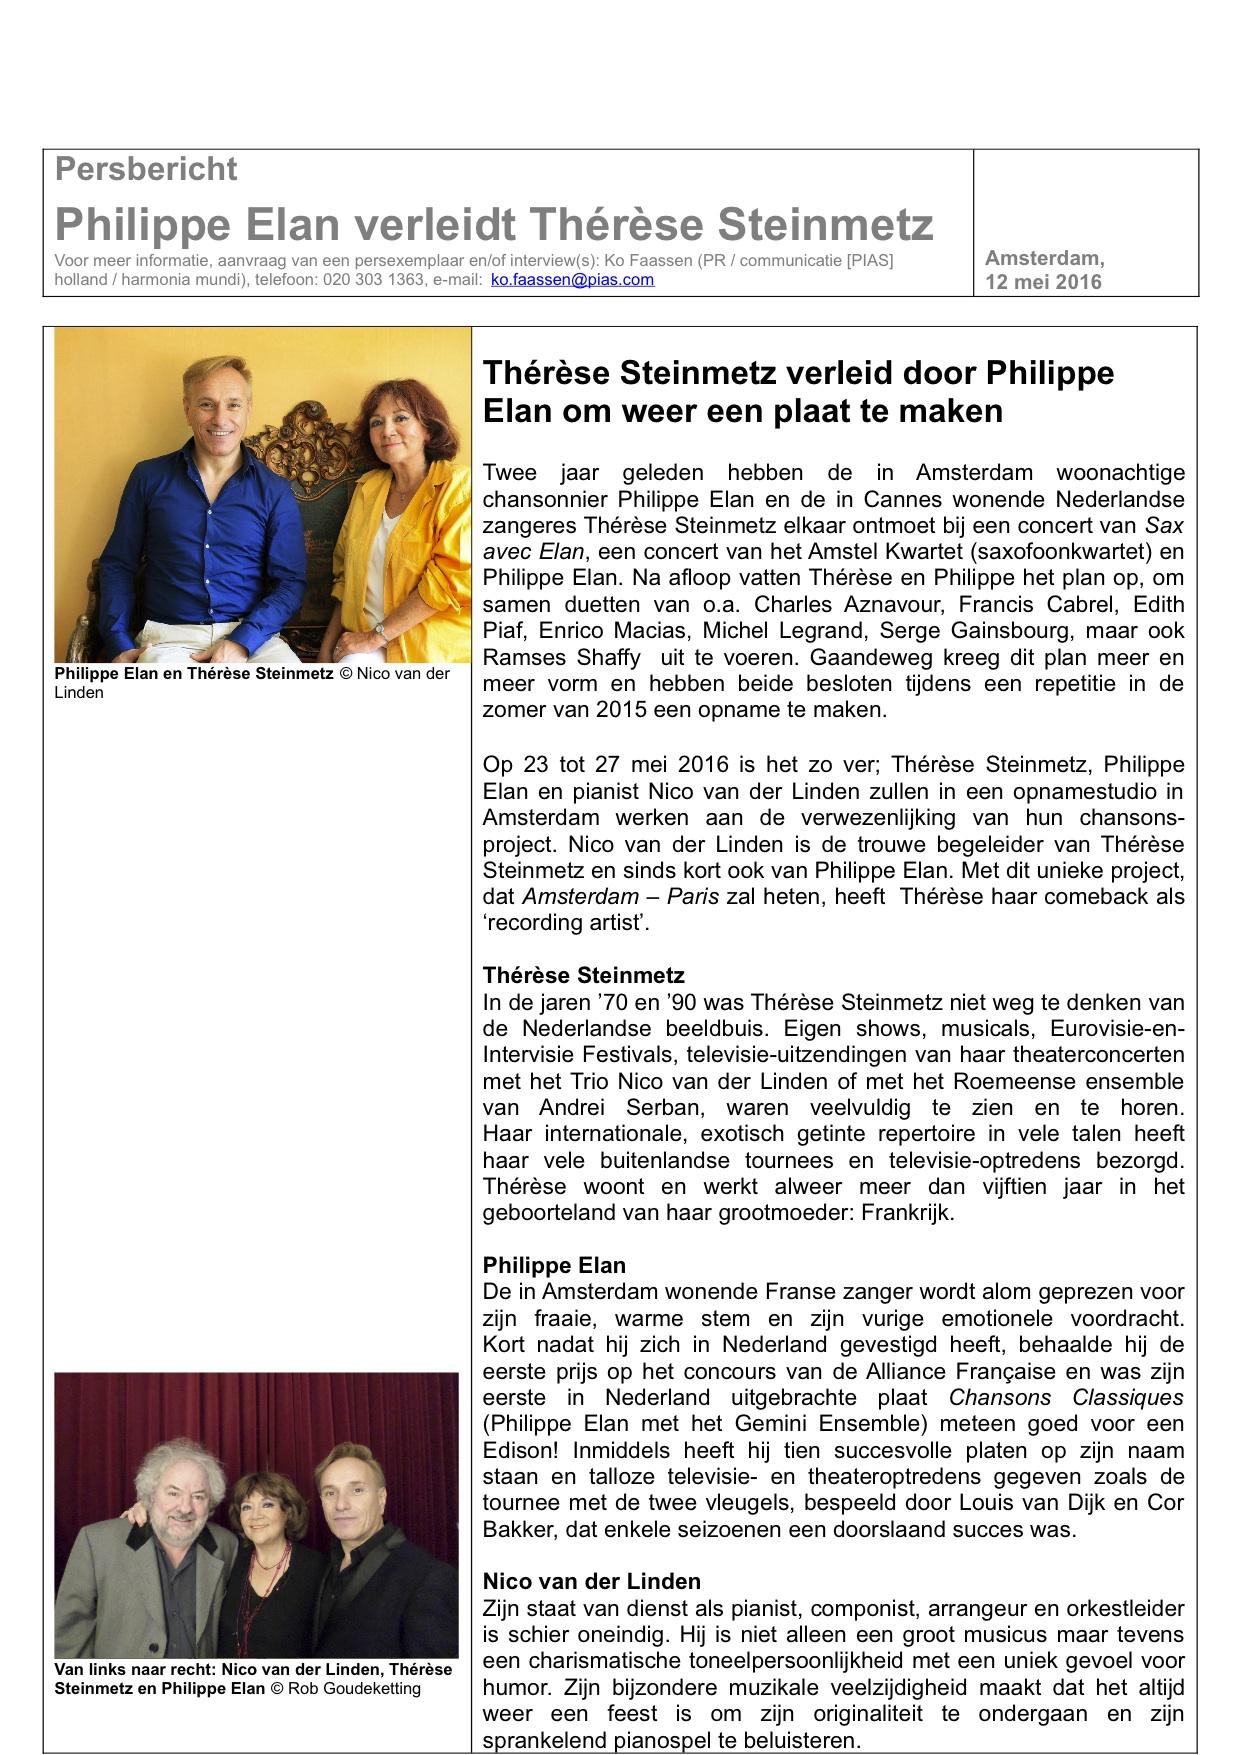 Persbericht Thérèse Steinmetz verleidt door Philippe Elan om weer een plaat te maken